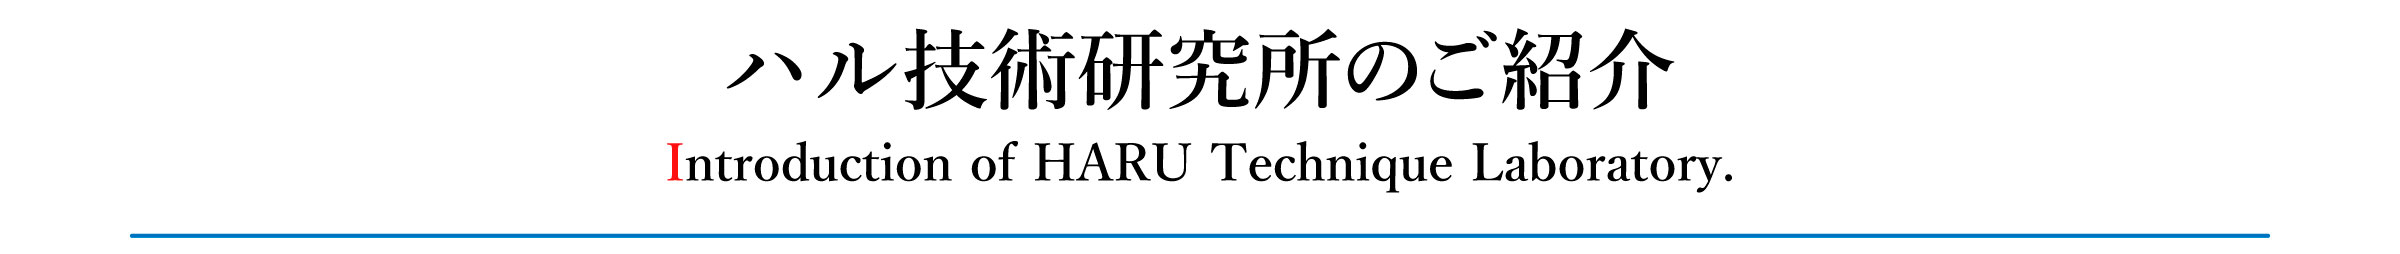 ハル技術研究所のご紹介